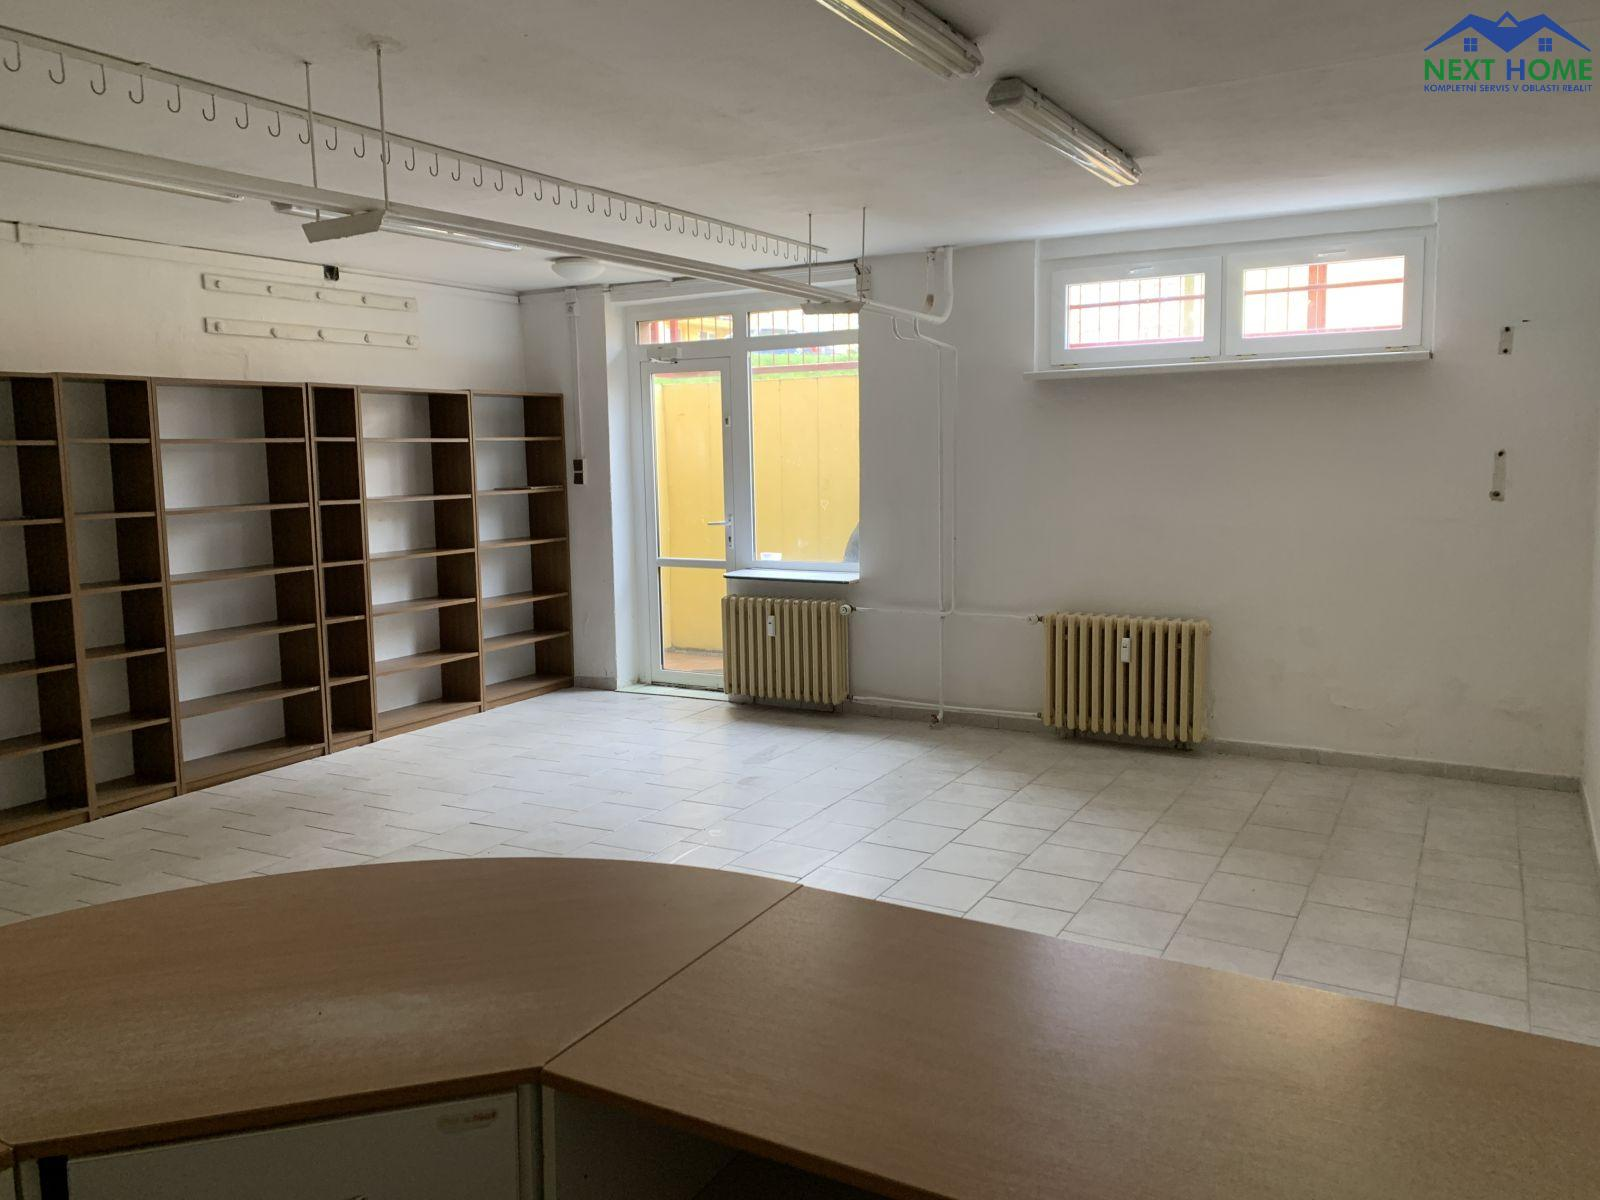 Pronájem komerční - obchodní prostor, 78 m2, ul. Višňová, Most.